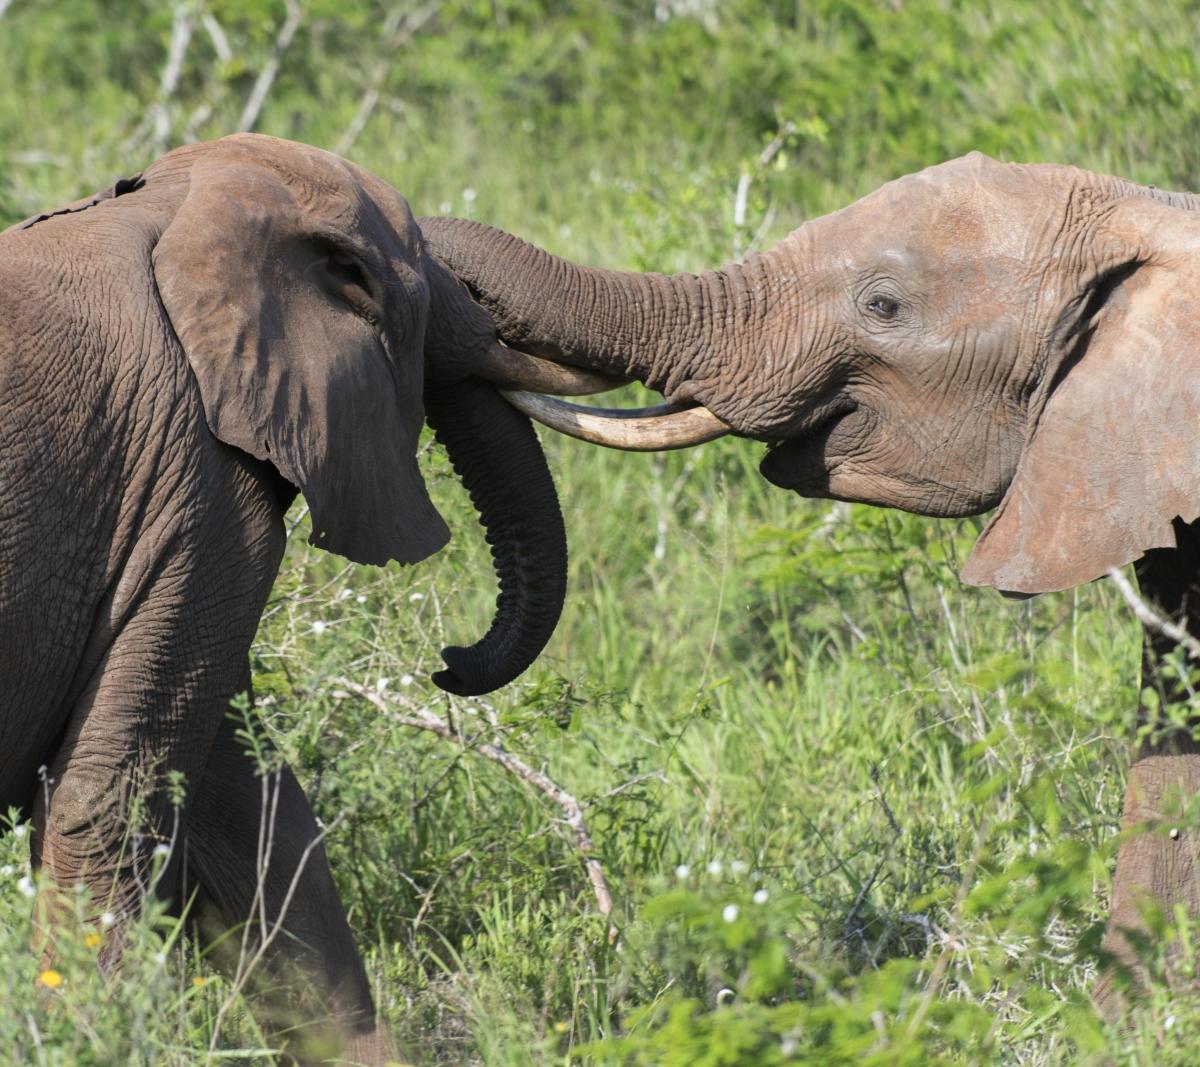 Elefanten, Elephants, kenya, kenia, Lumo, Tsavo, Safari, afrika, africa